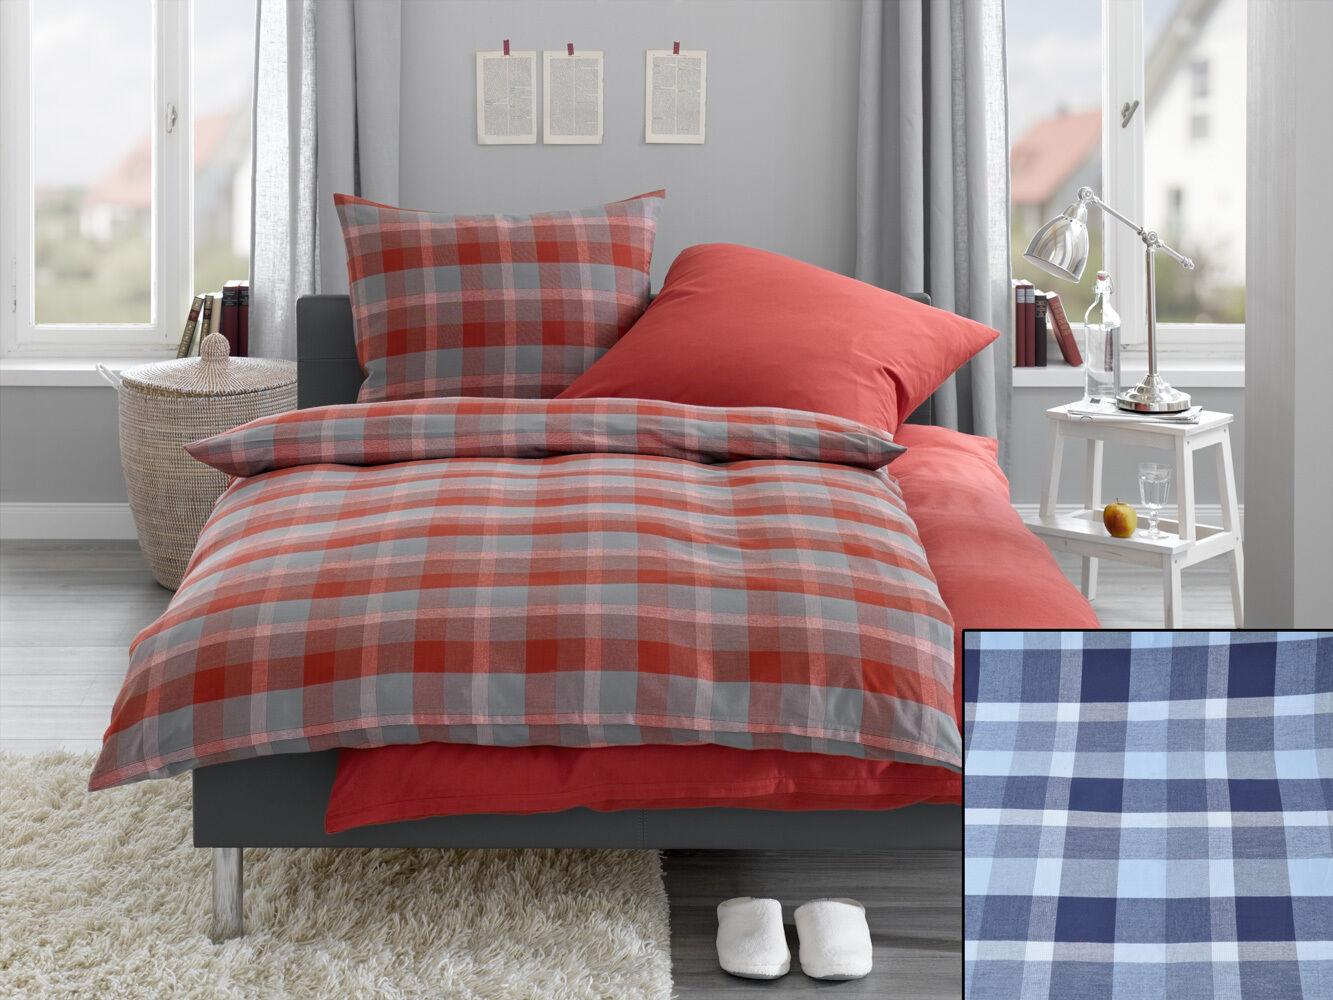 Bettwäschegarnituren Möbel & Wohnen Garnitur ° Neu ZuverläSsige Leistung Bettwäsche° Blautöne ° 2 X 2 Tlg